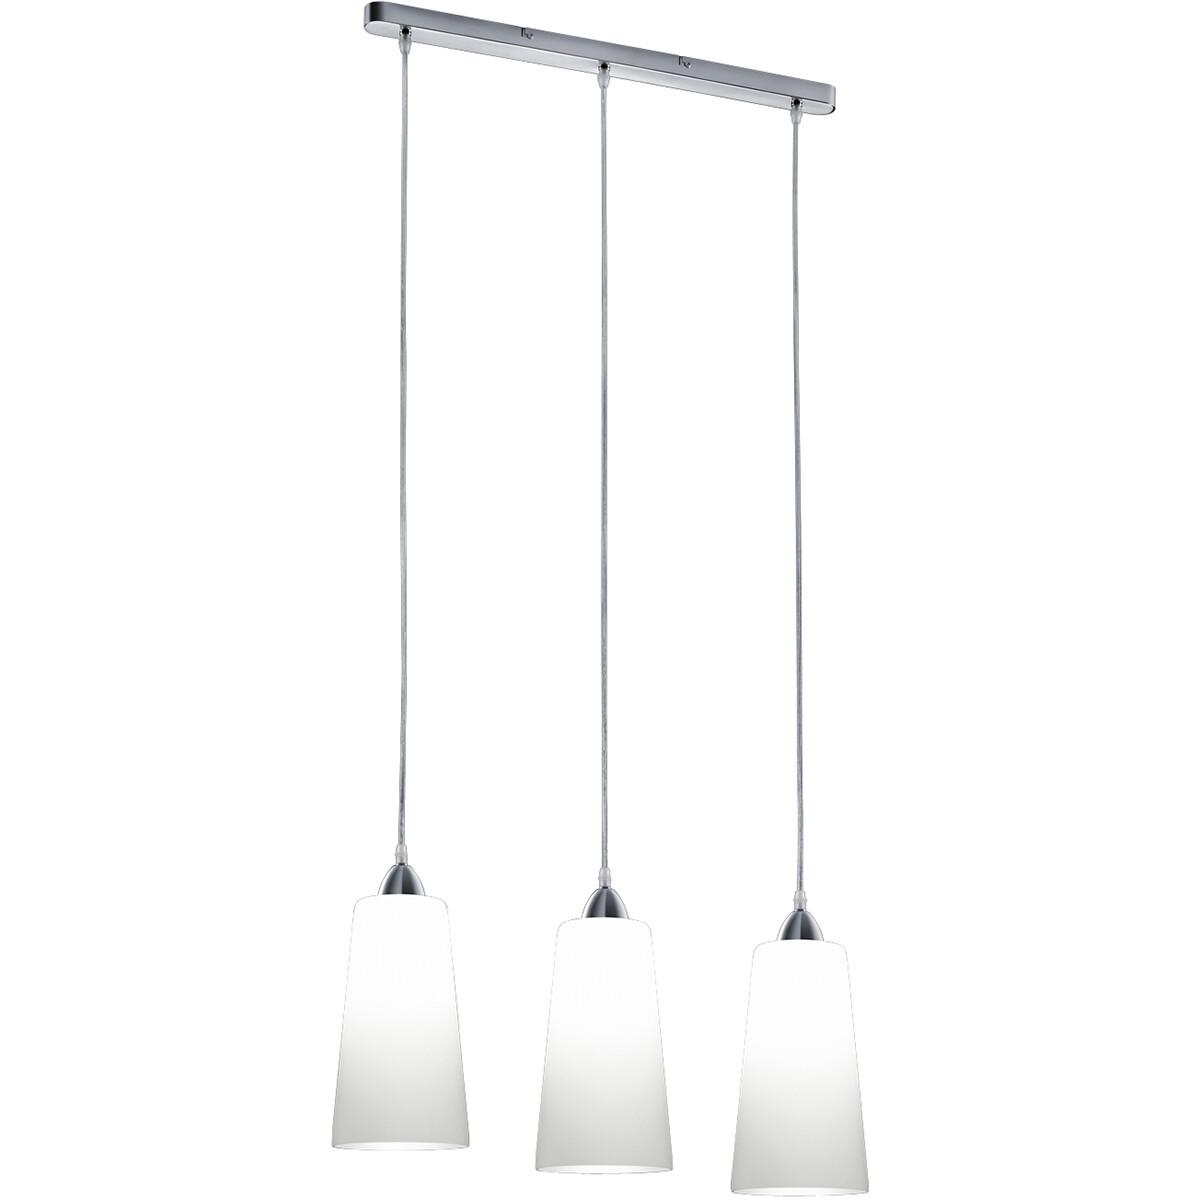 LED Hanglamp - Hangverlichting - Trion Konumo - E27 Fitting - 3-lichts - Rond - Mat Nikkel - Alumini